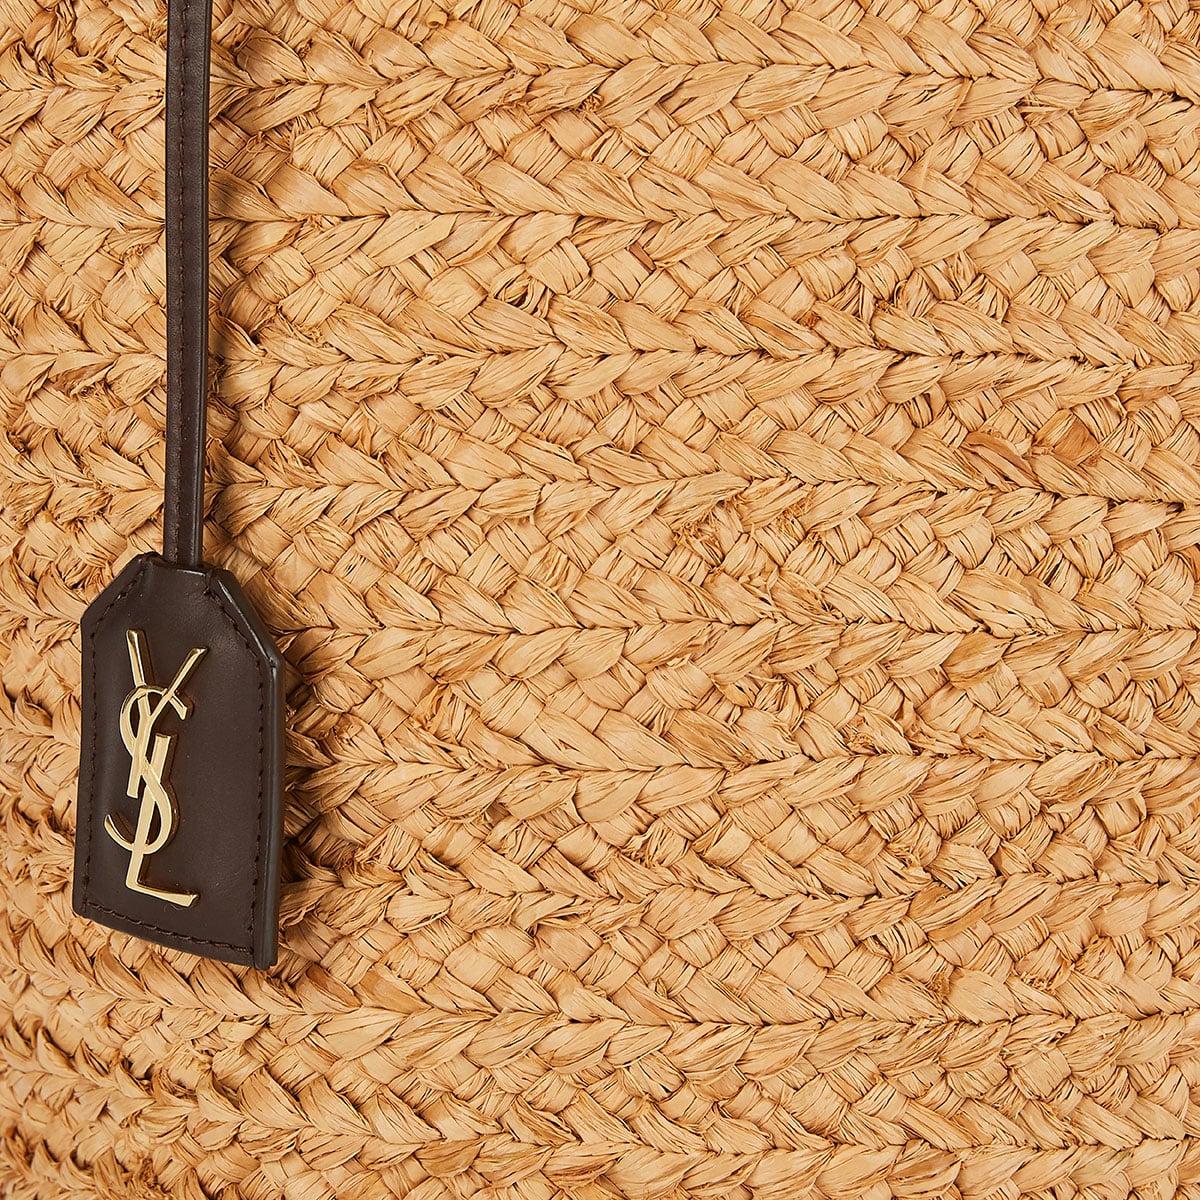 Panier small raffia bag